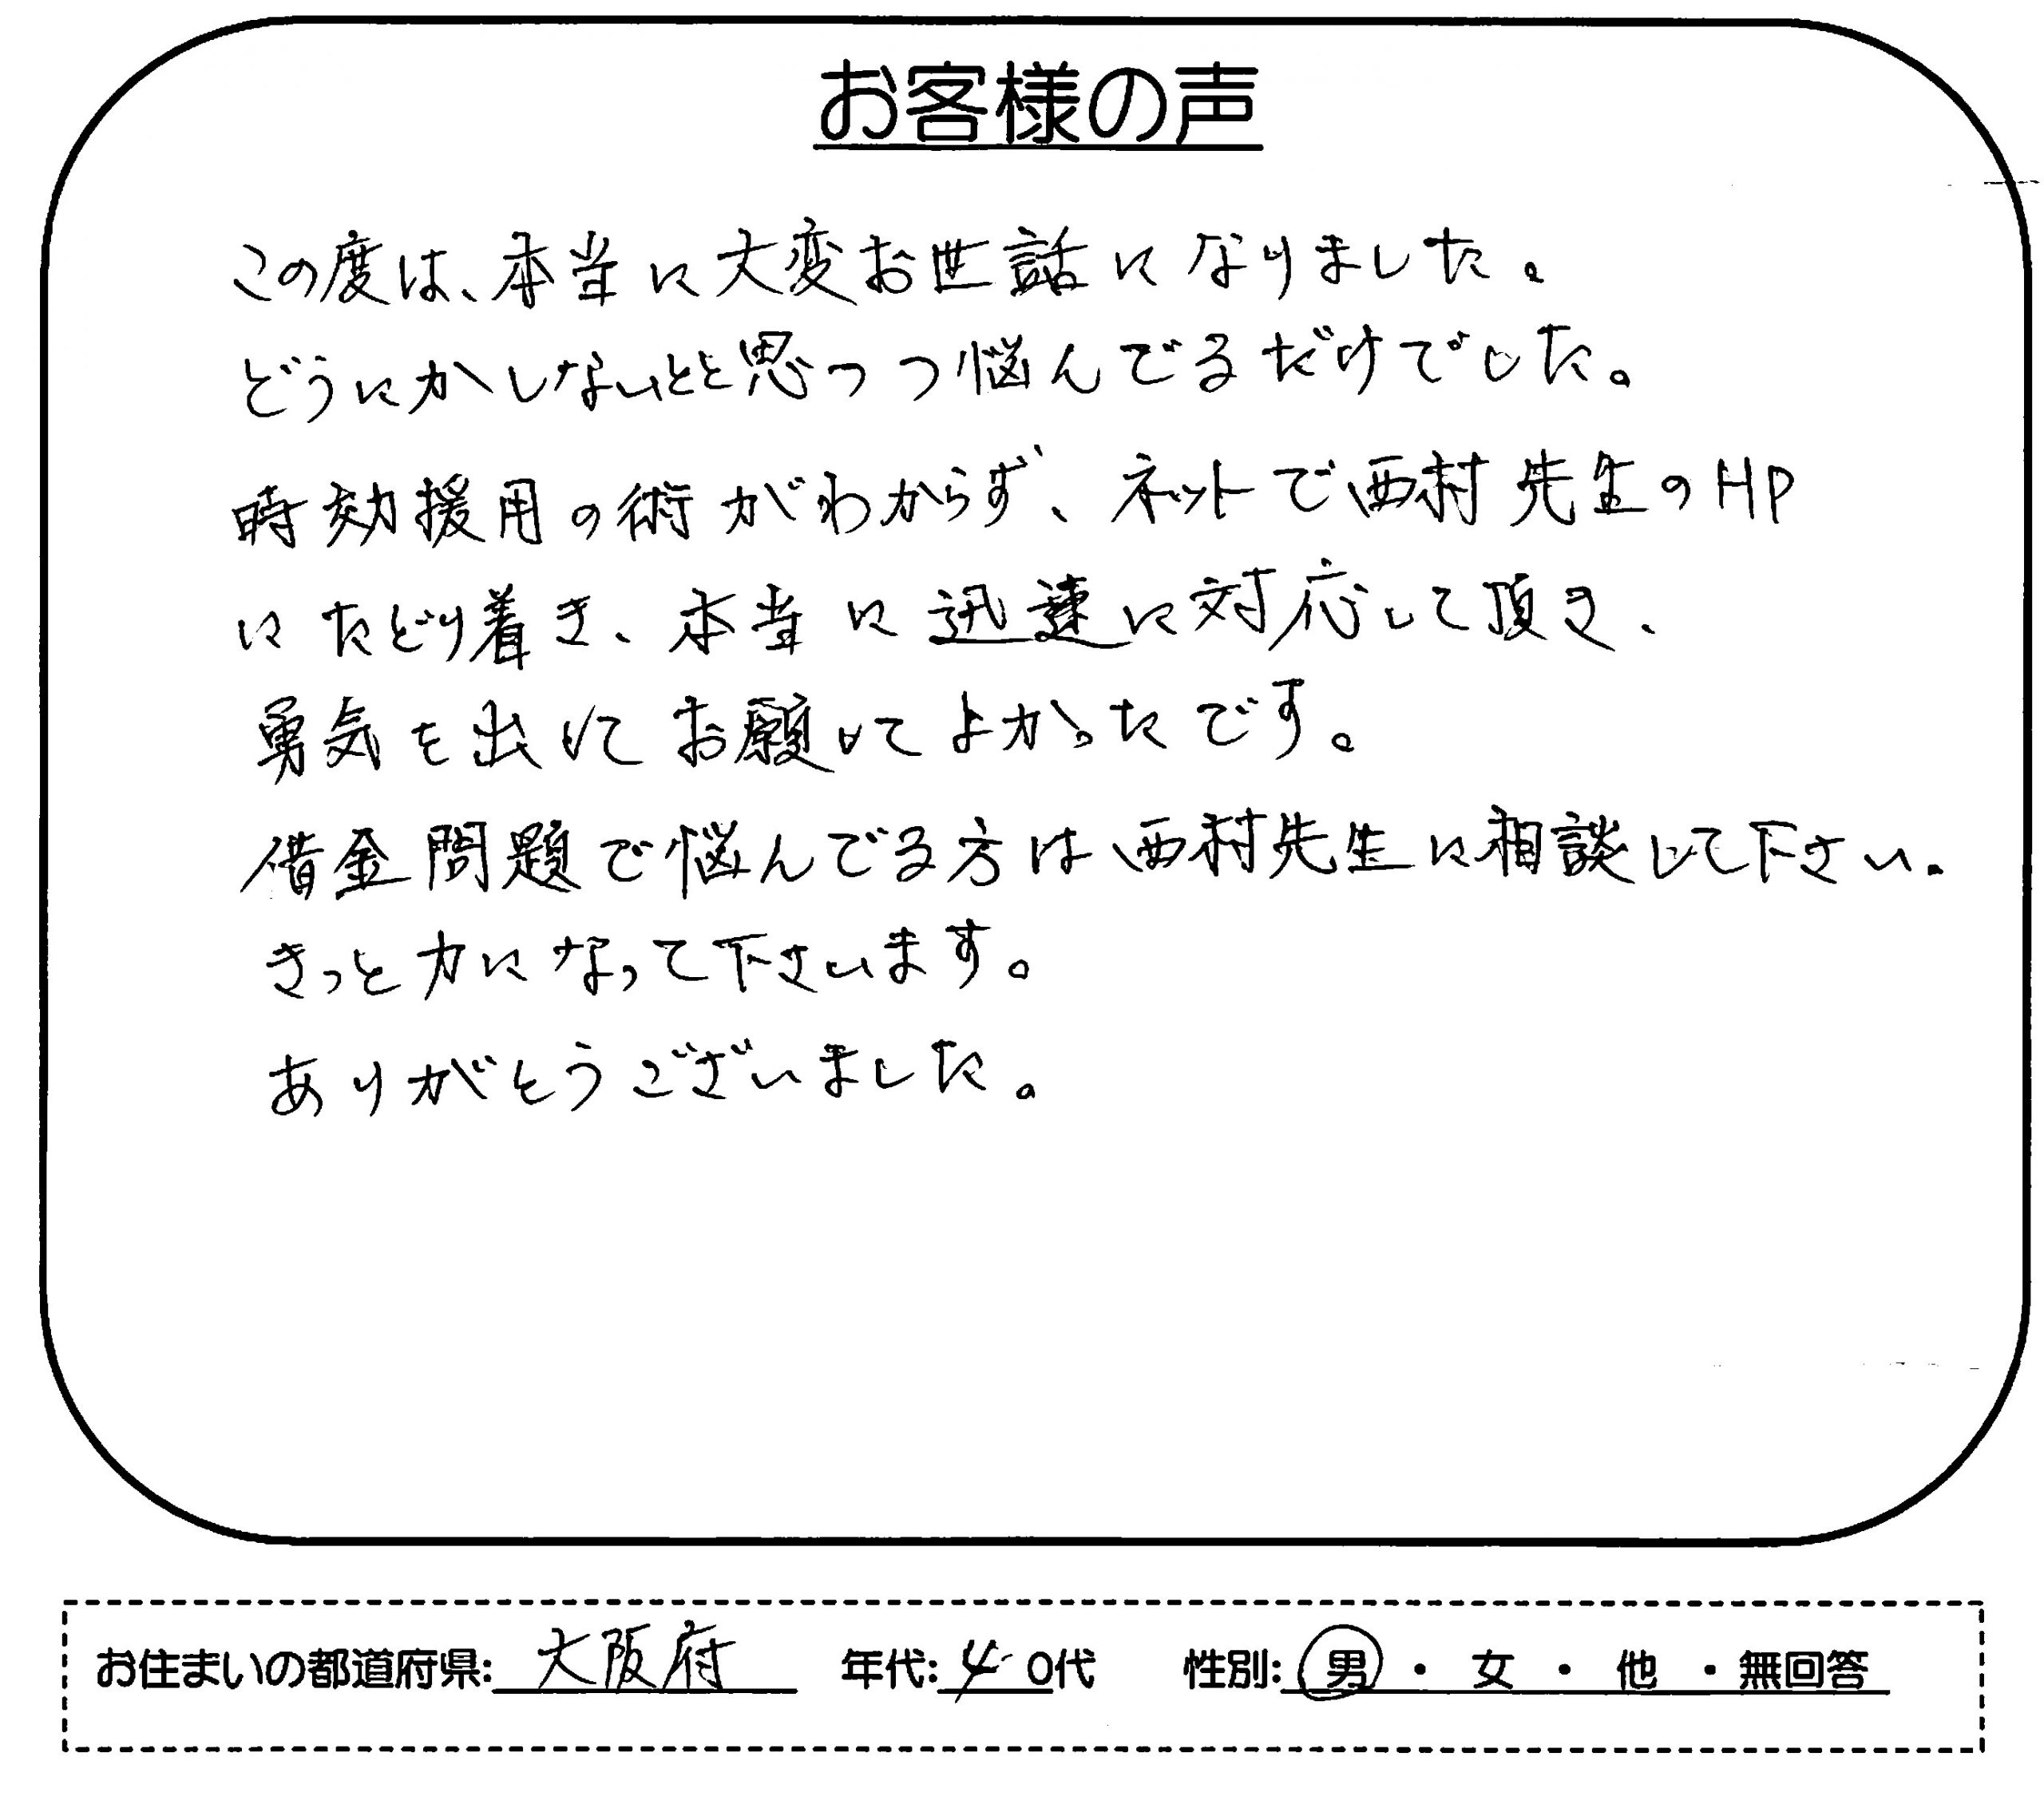 引田法律事務所への時効援用の口コミ・評判